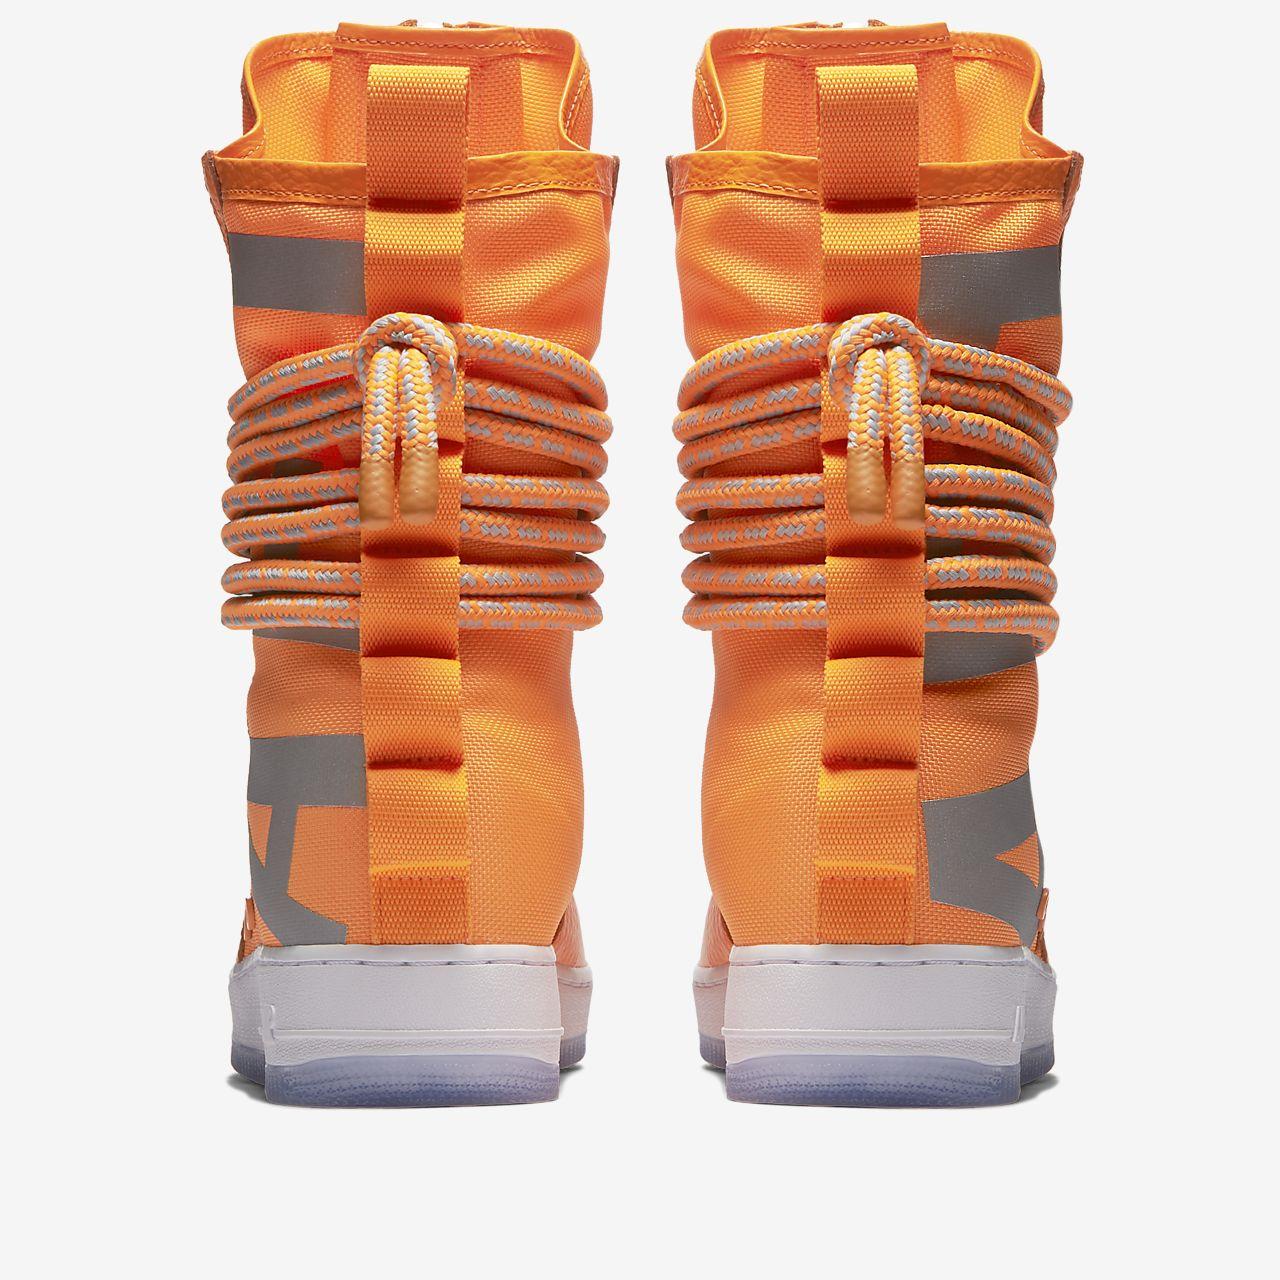 Nike SF Af1 Hi, Chaussures de Gymnastique Homme, Orange (Total Orange/Total Orange/White), 44.5 EU